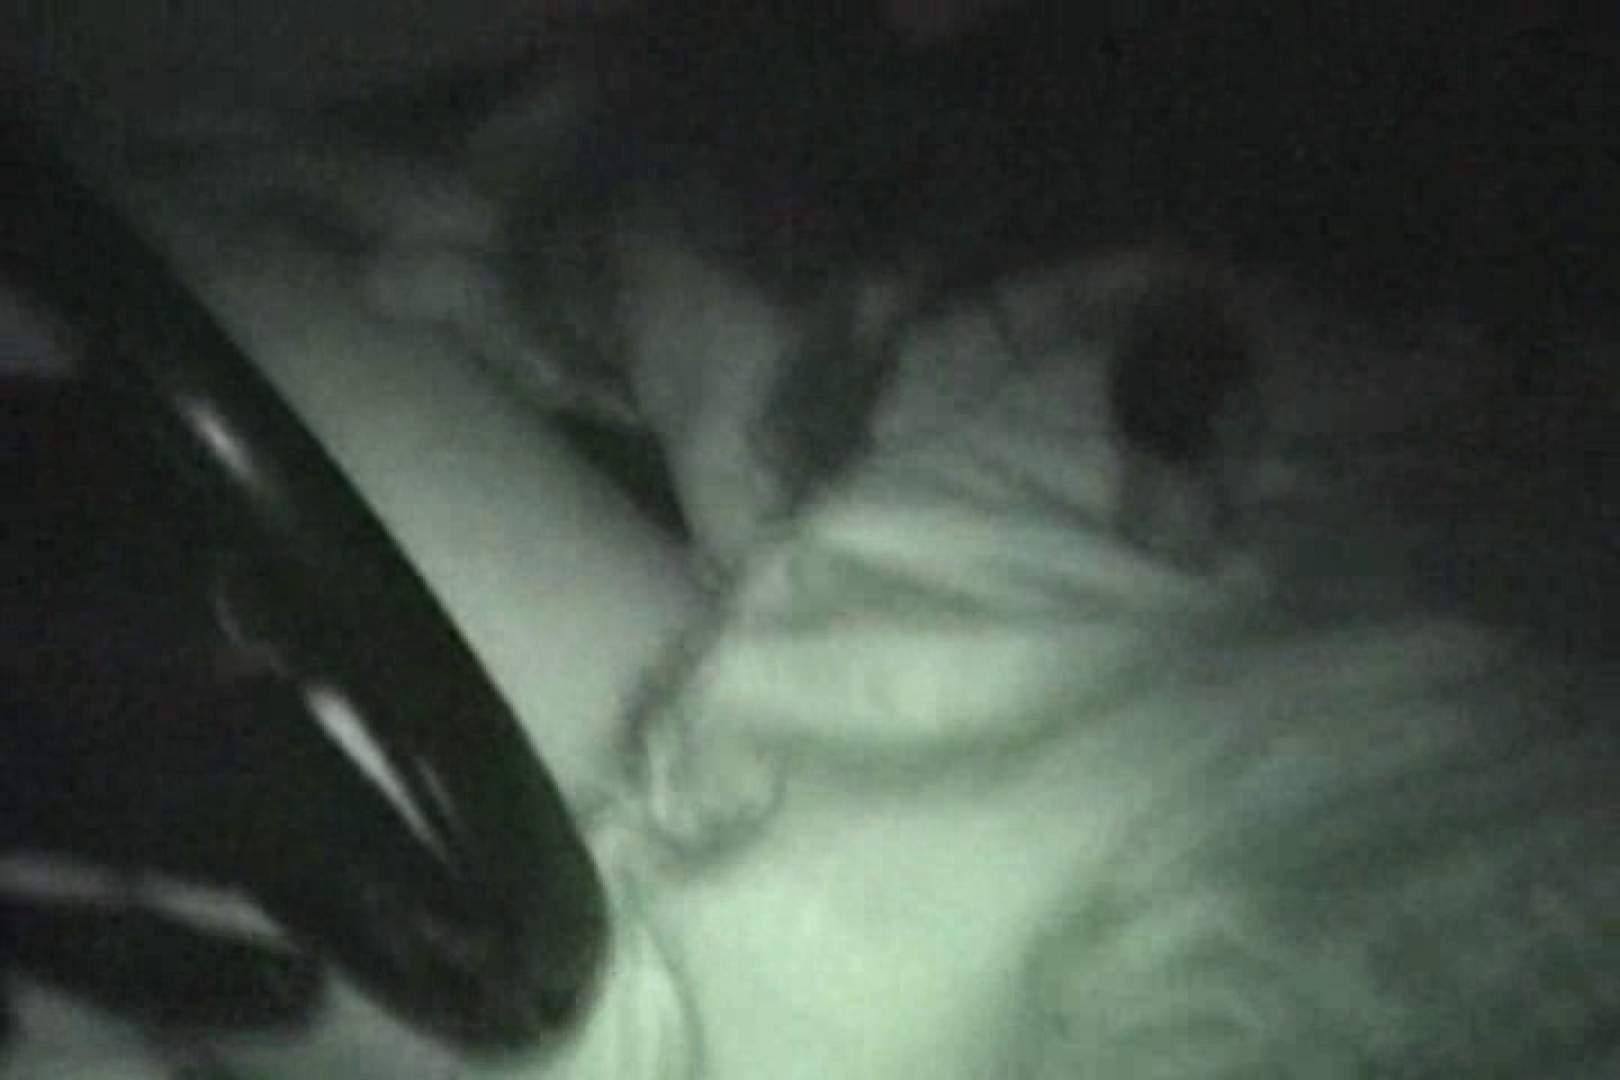 蔵出し!!赤外線カーセックスVol.24 セックス AV無料動画キャプチャ 93画像 15